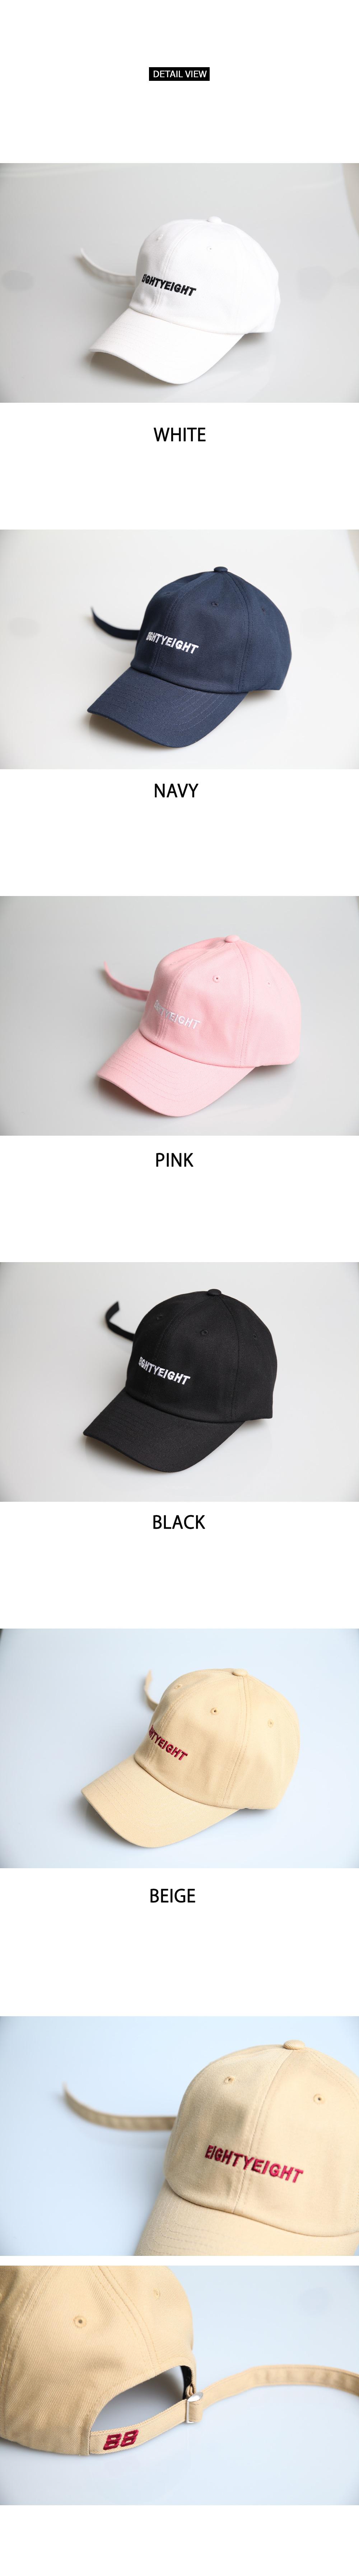 EIGHTYIGHT cap